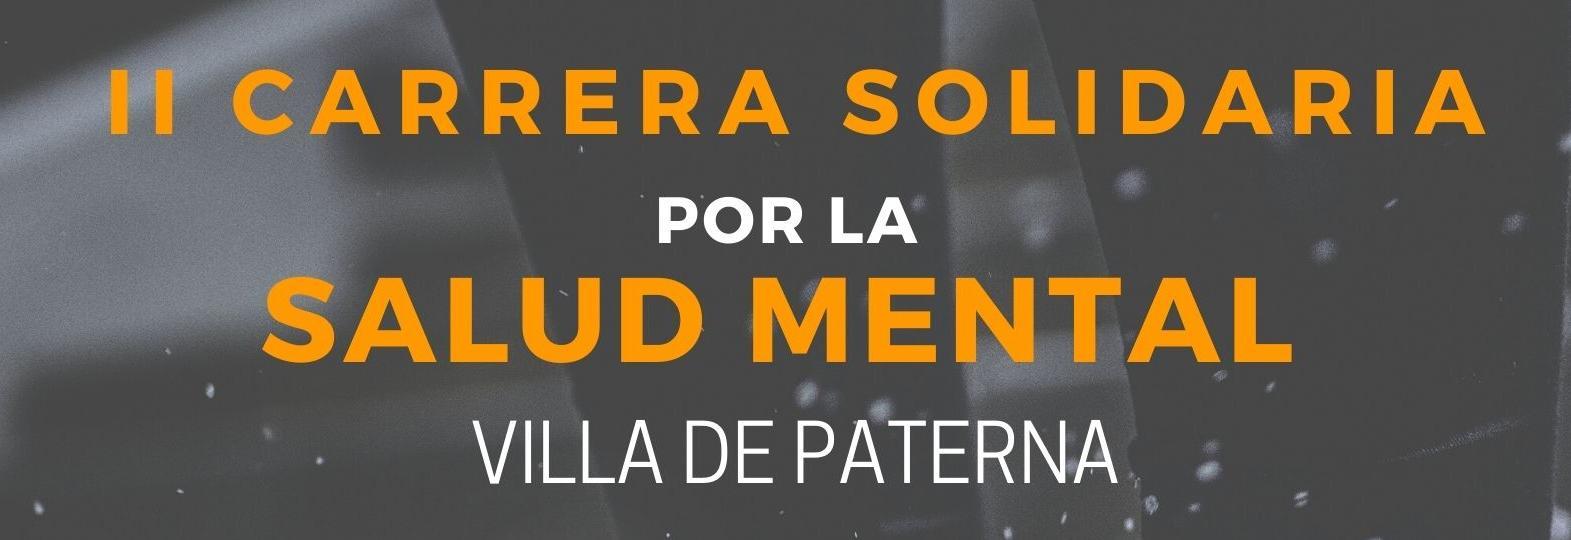 II CARRERA SOLIDARIA POR LA SALUD MENTAL - VILLA DE PATERNA - Virtual